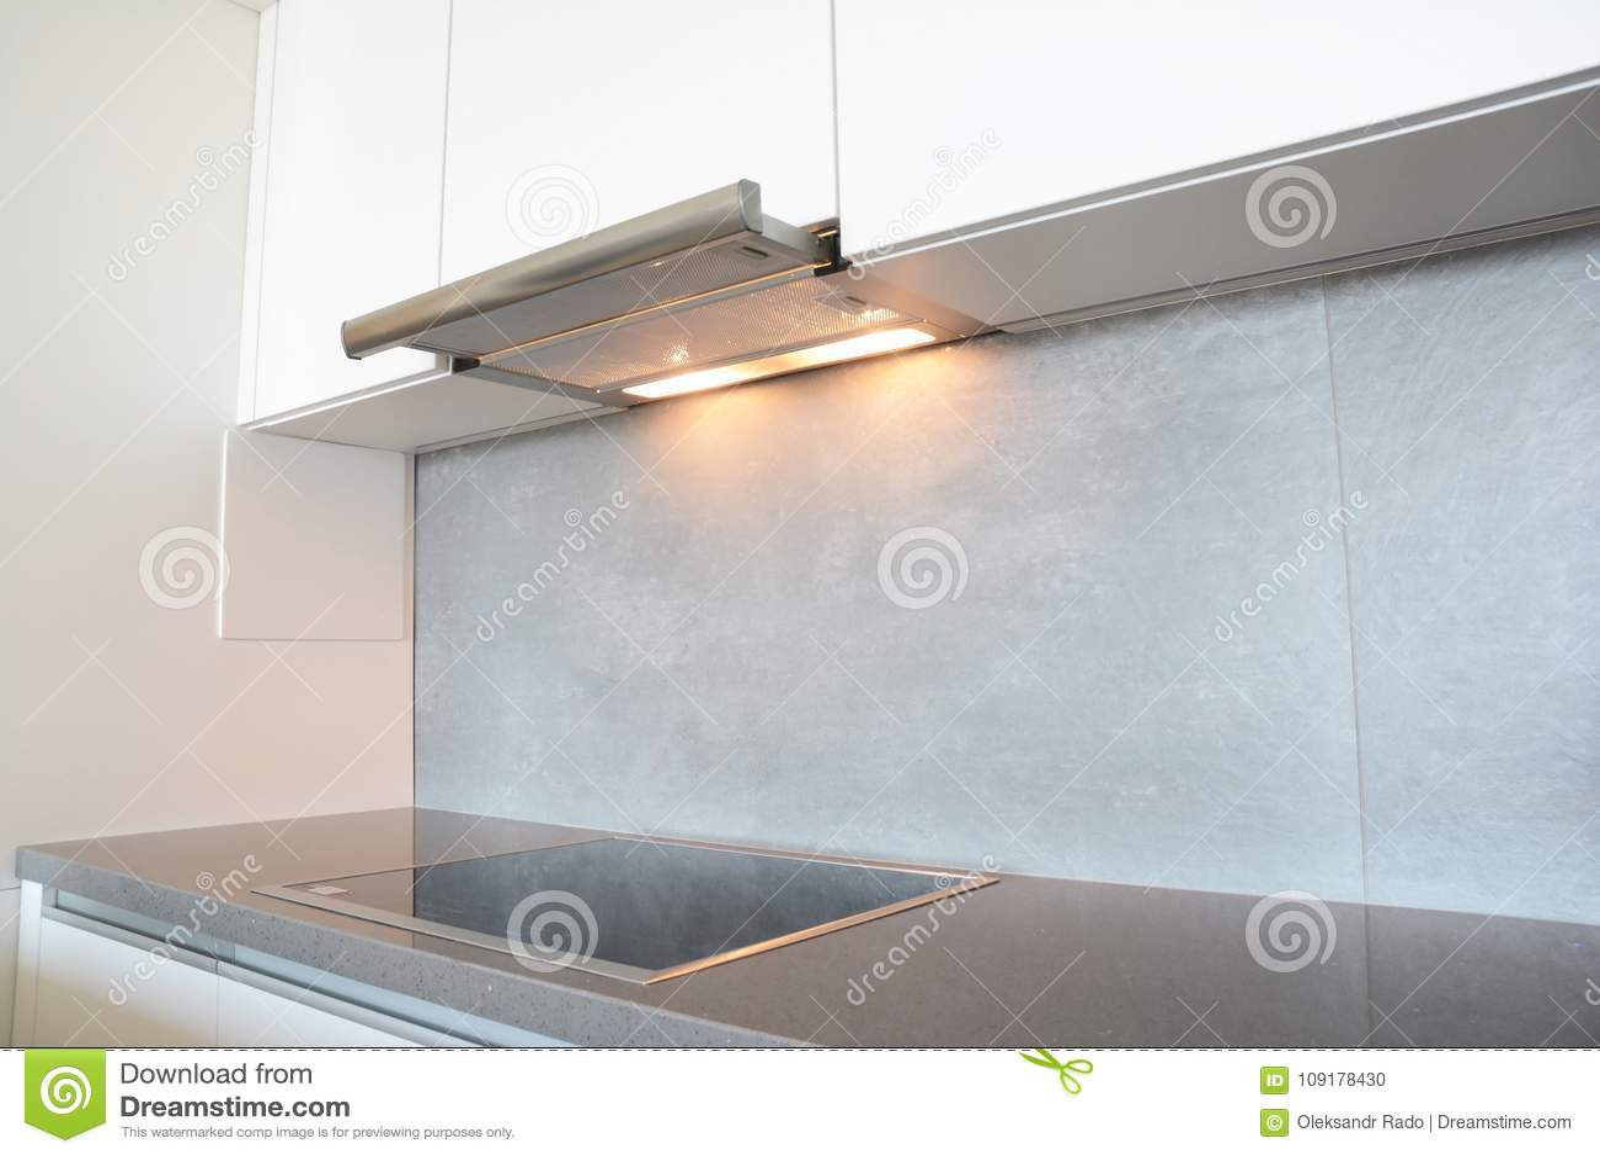 Camino In Cucina Moderna.Chiuda Su Sul Fan O Sulla Cappa Da Cucina Moderno Della